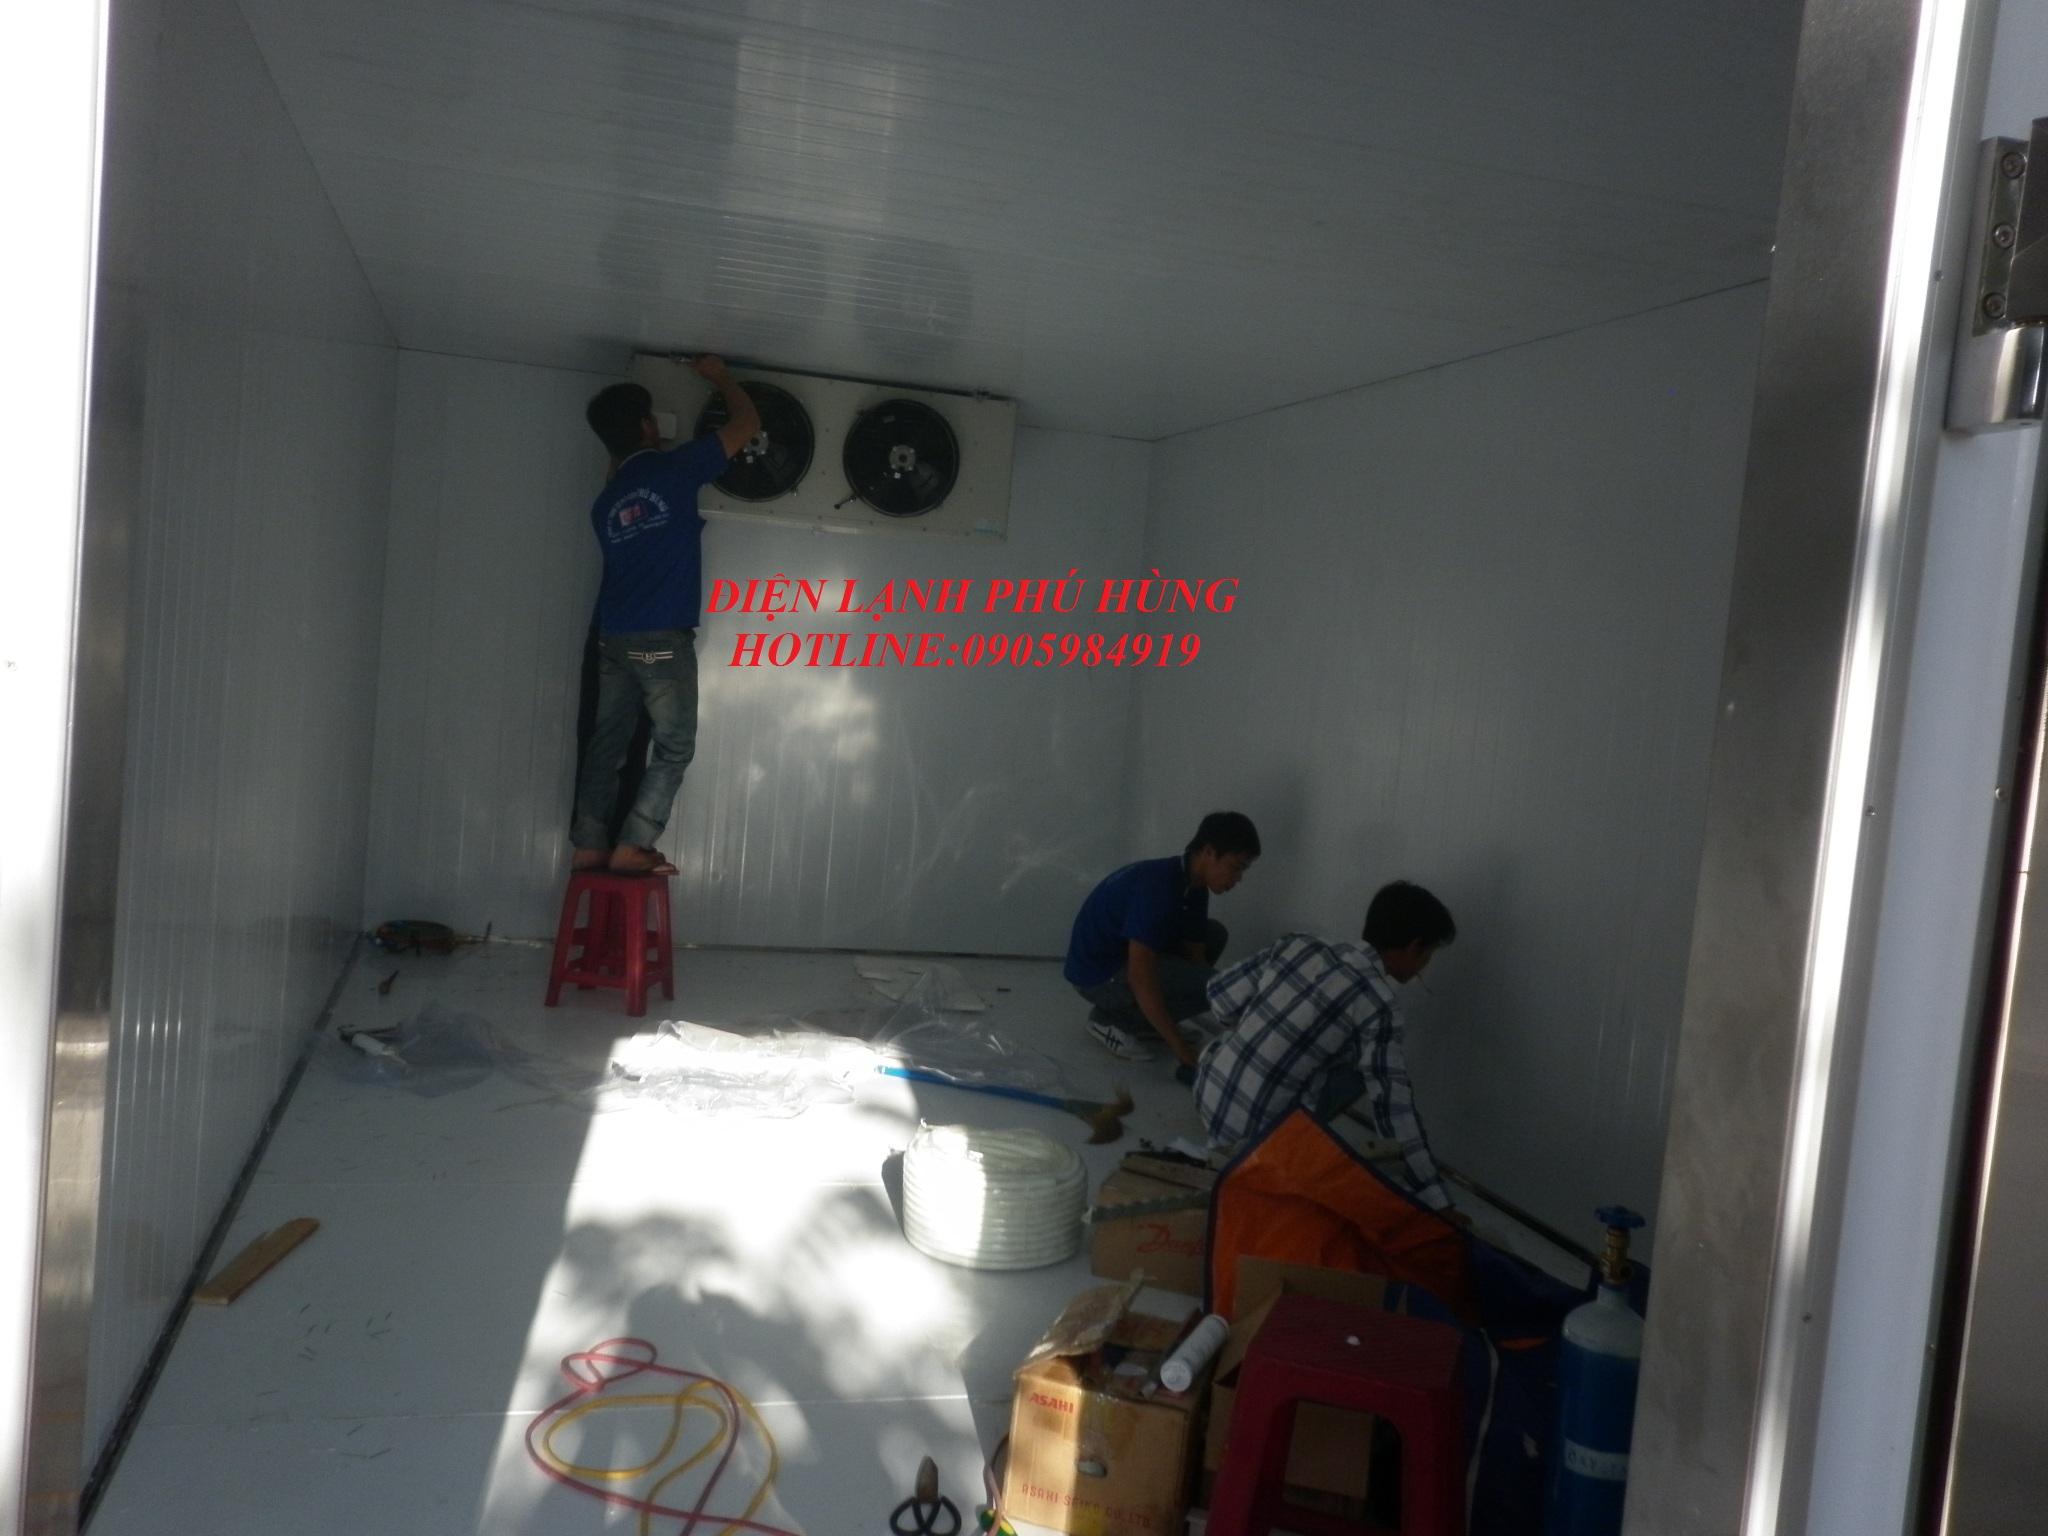 161 - Kho lanh bảo quản sữa vinamilk - Cty MTV Toàn Thành